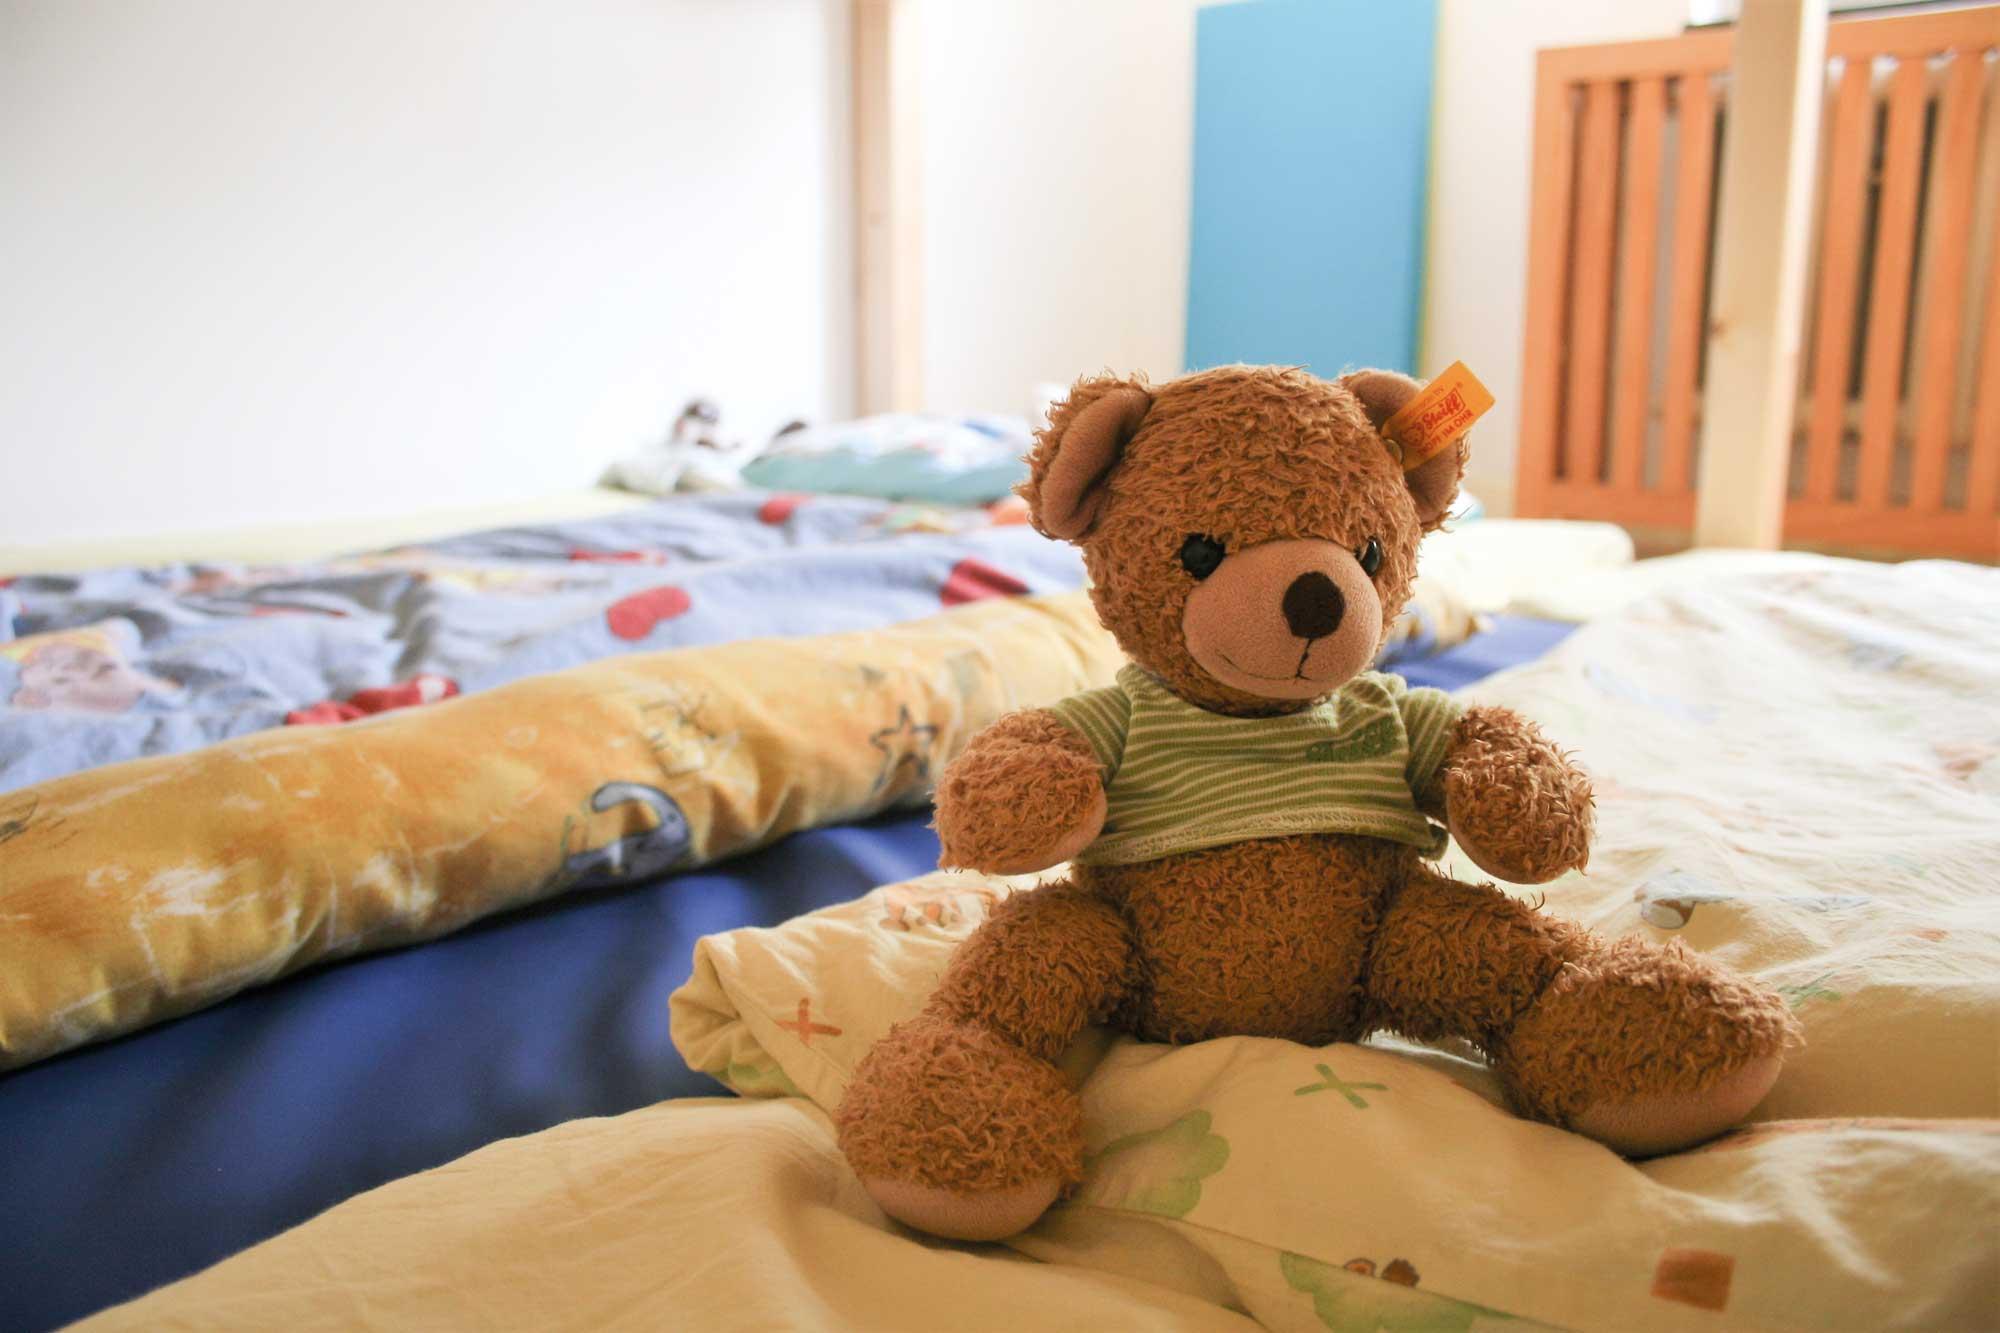 Nahaufnahme eines Teddy Bären auf Schlafplätzen